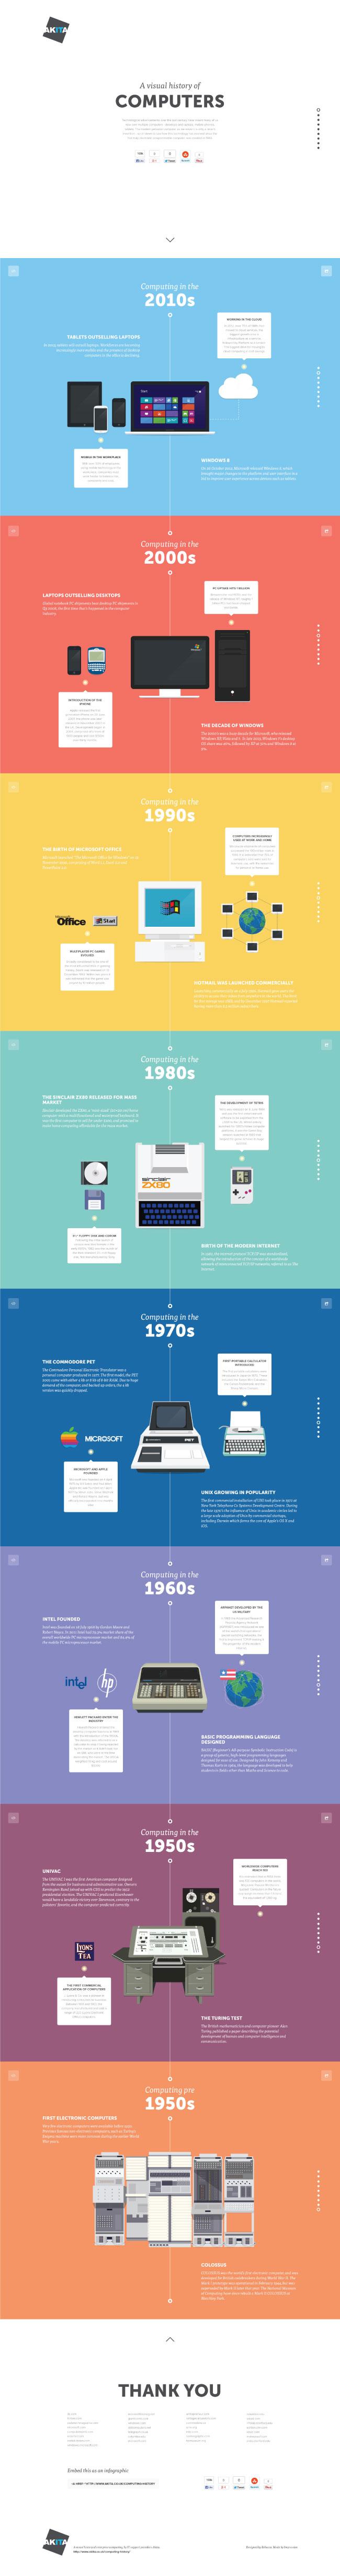 Visual History of Computing